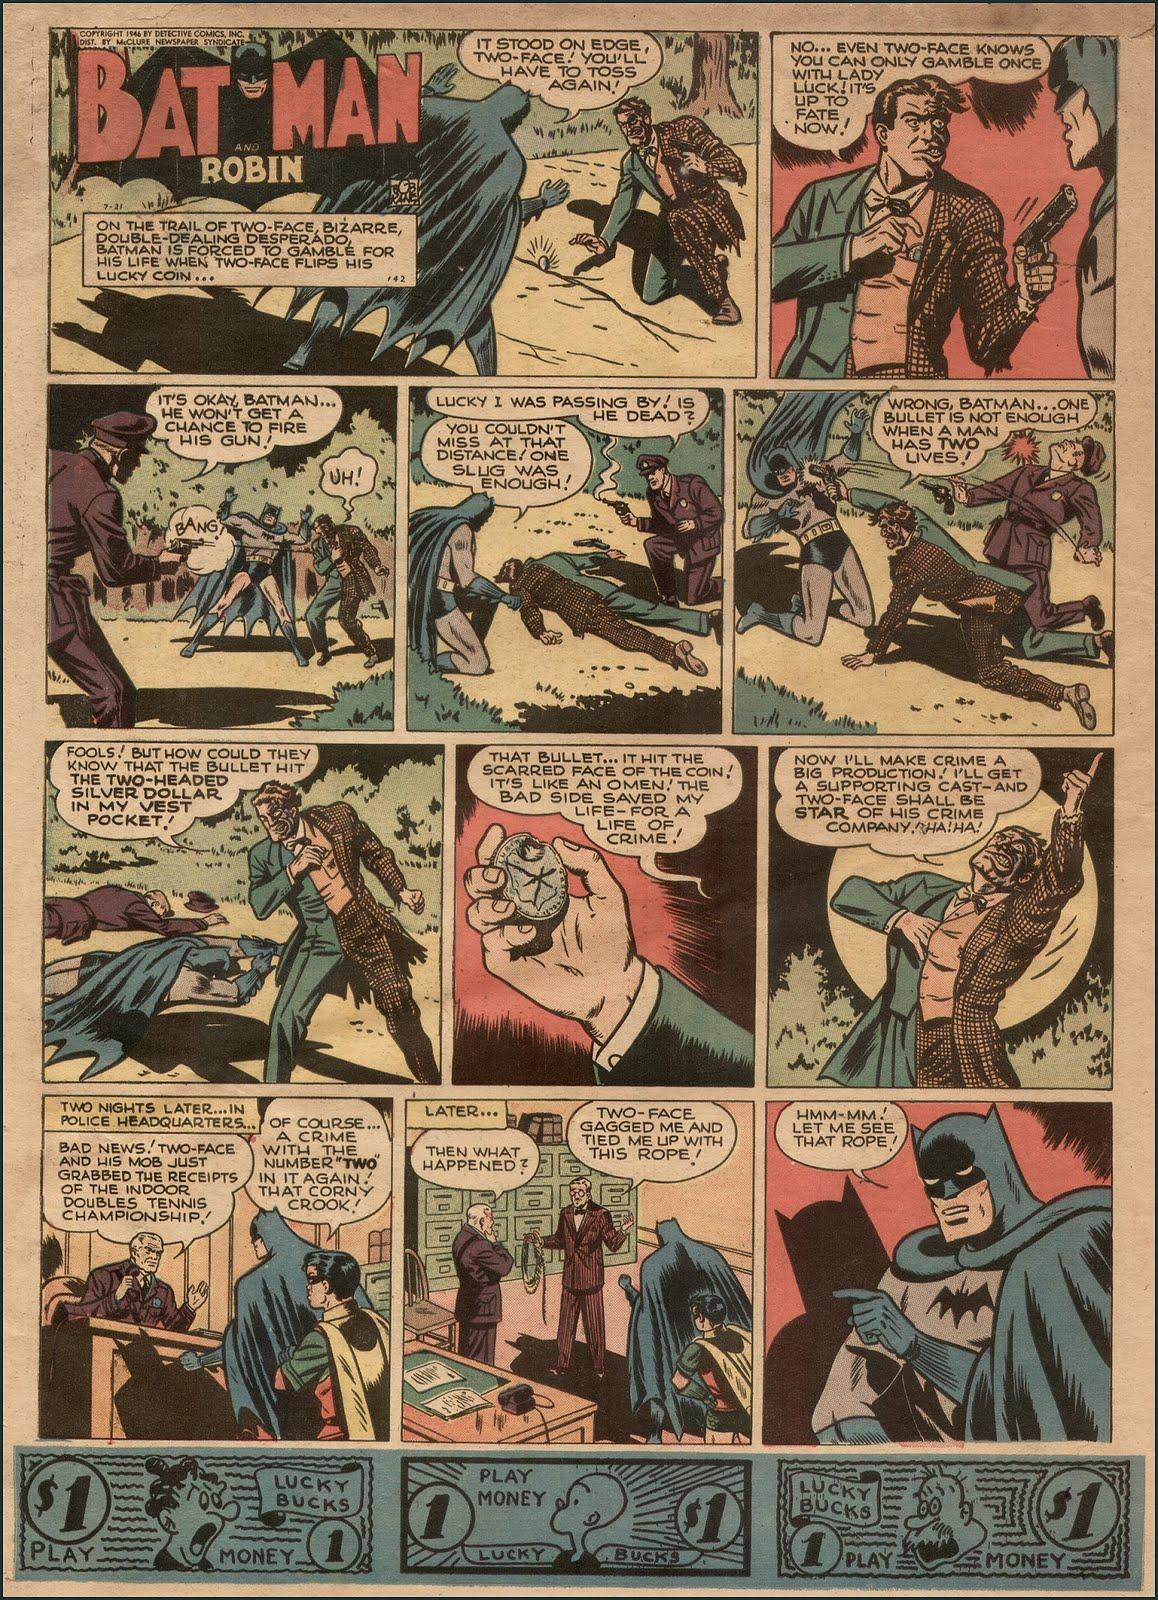 BAT - BLOG : BATMAN TOYS and COLLECTIBLES: 1940's BATMAN